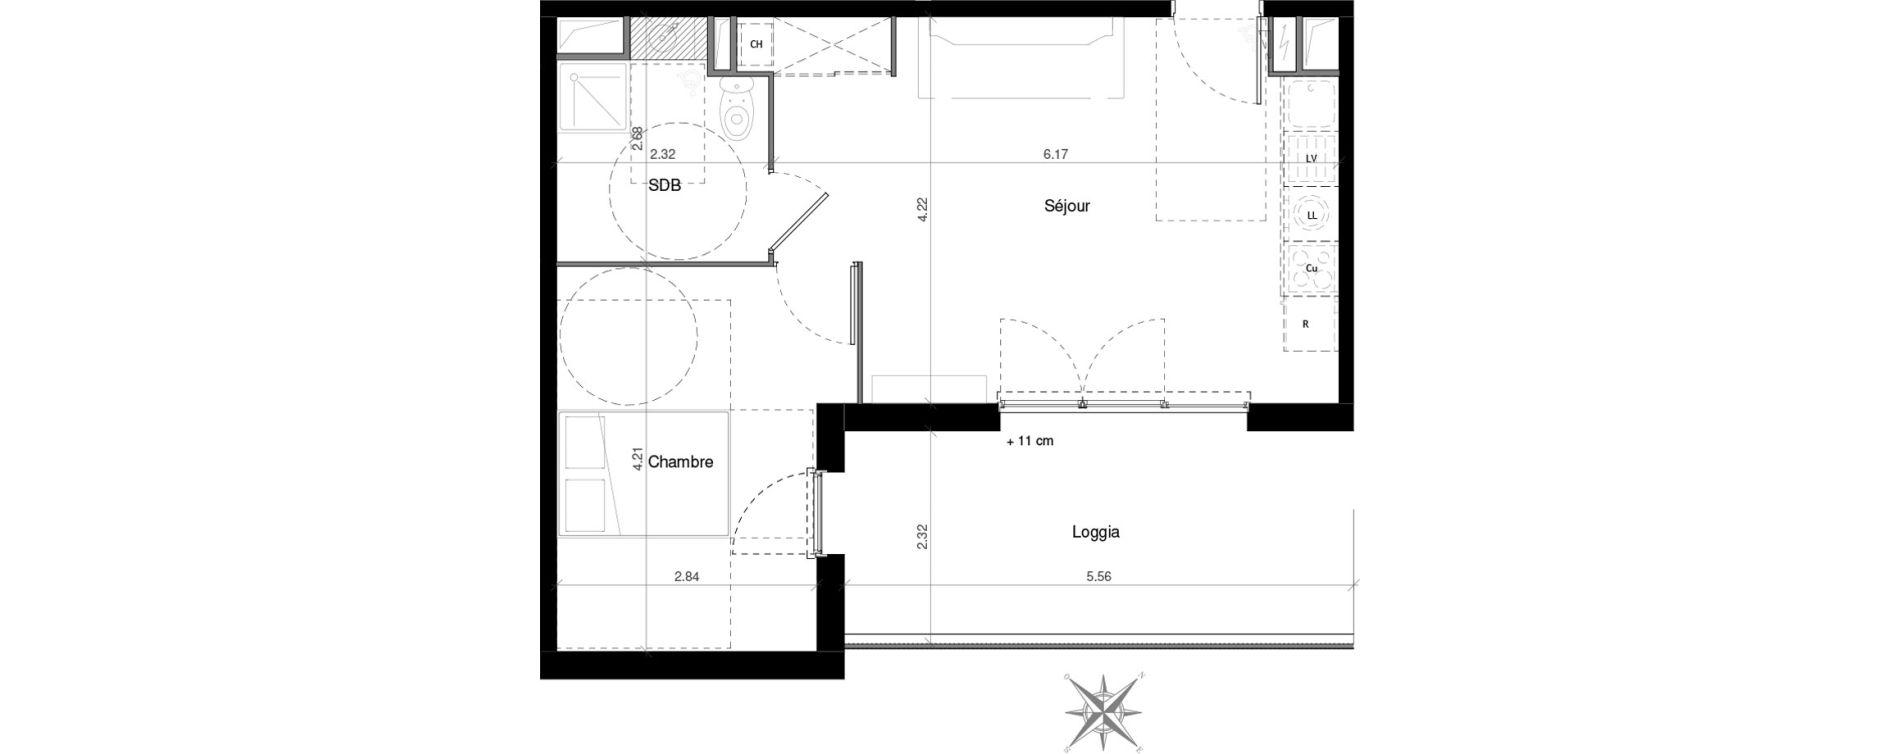 Appartement T3 de 68,68 m2 à Castelnau-Le-Lez Mas de rochet